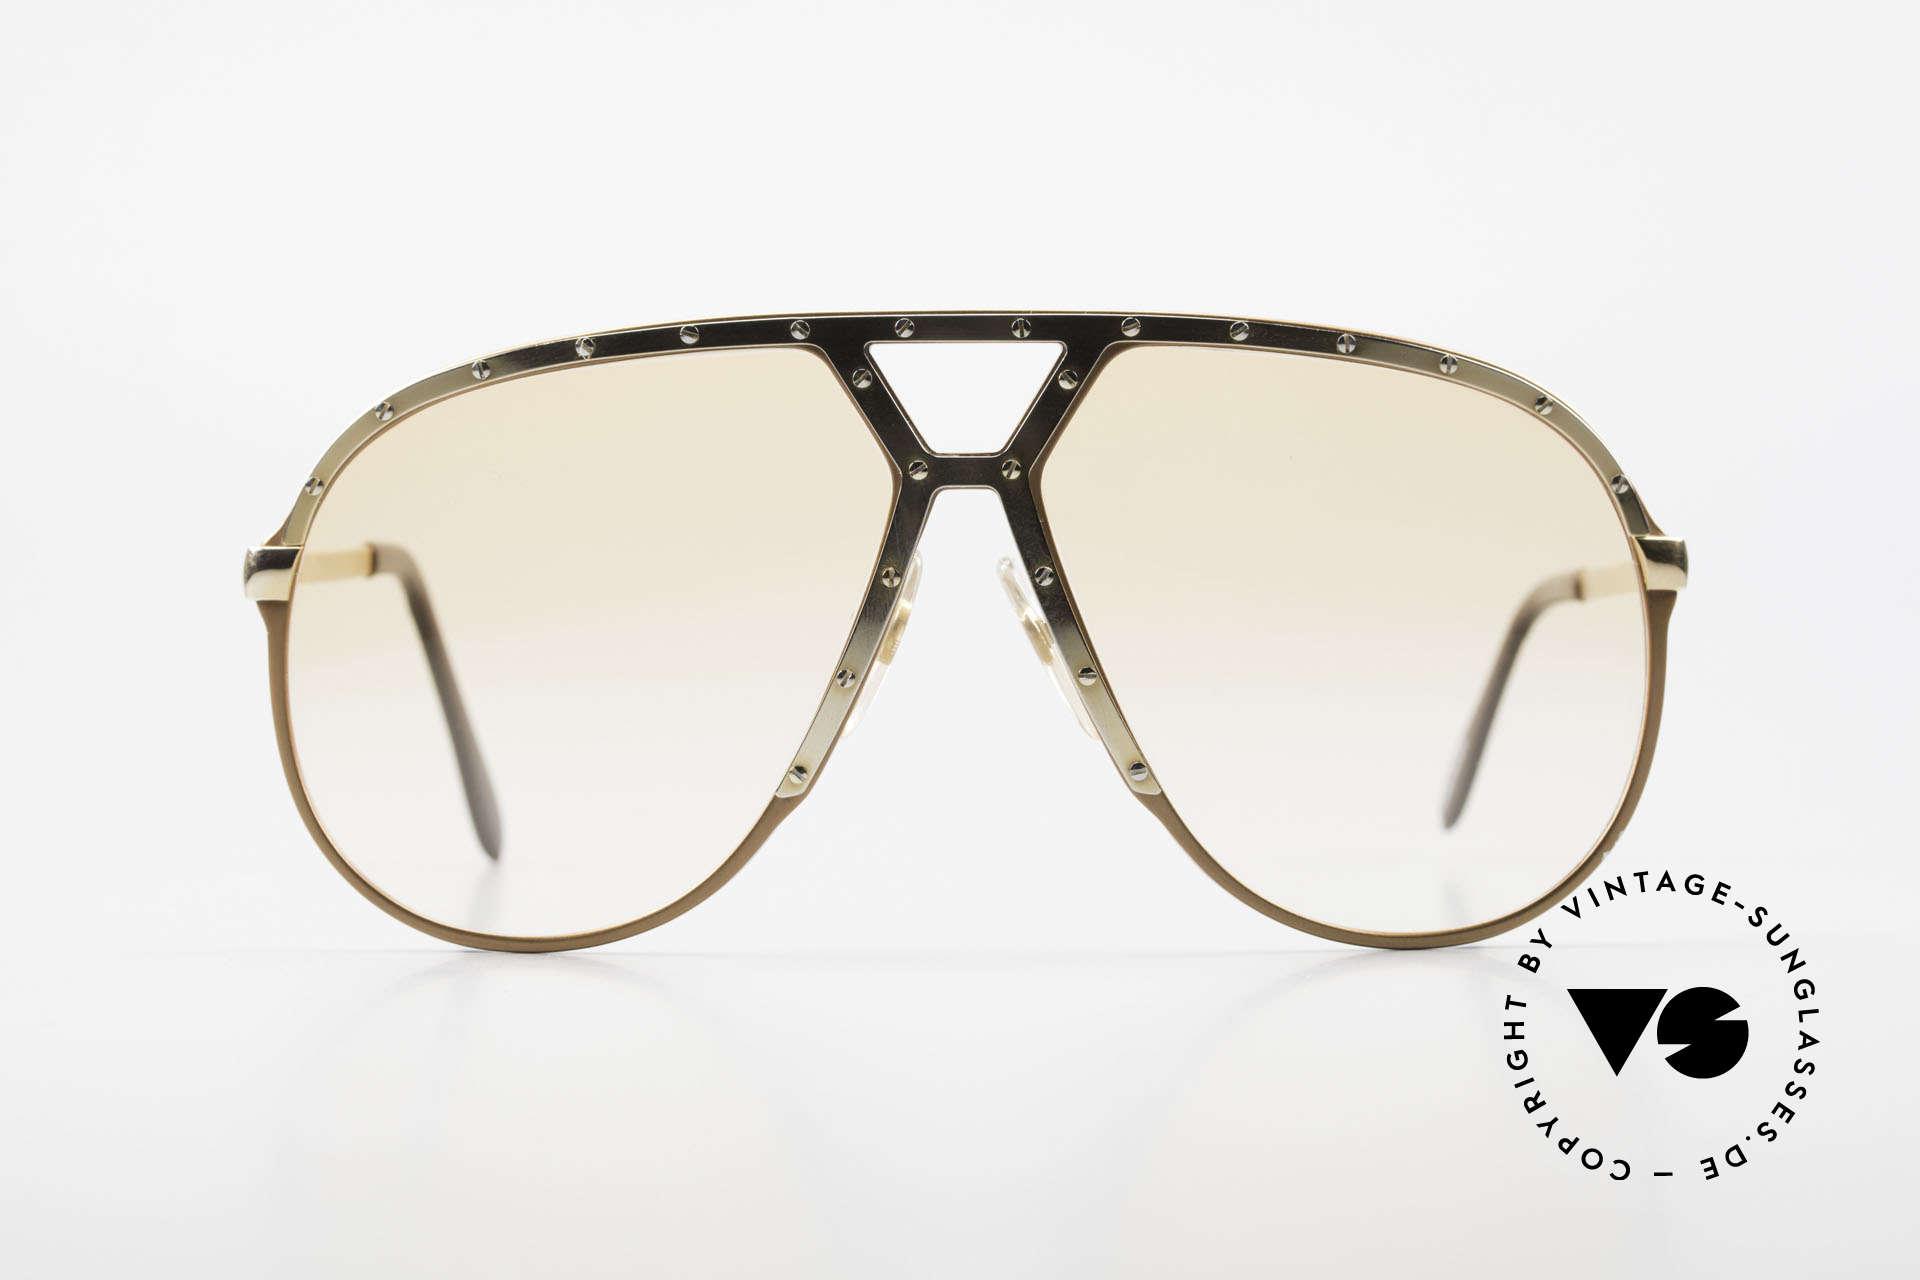 Alpina M1 Rare 80s Vintage Brille Orange, LIMITED EDITION in Pfirsich-Metallic / GOLD, Passend für Herren